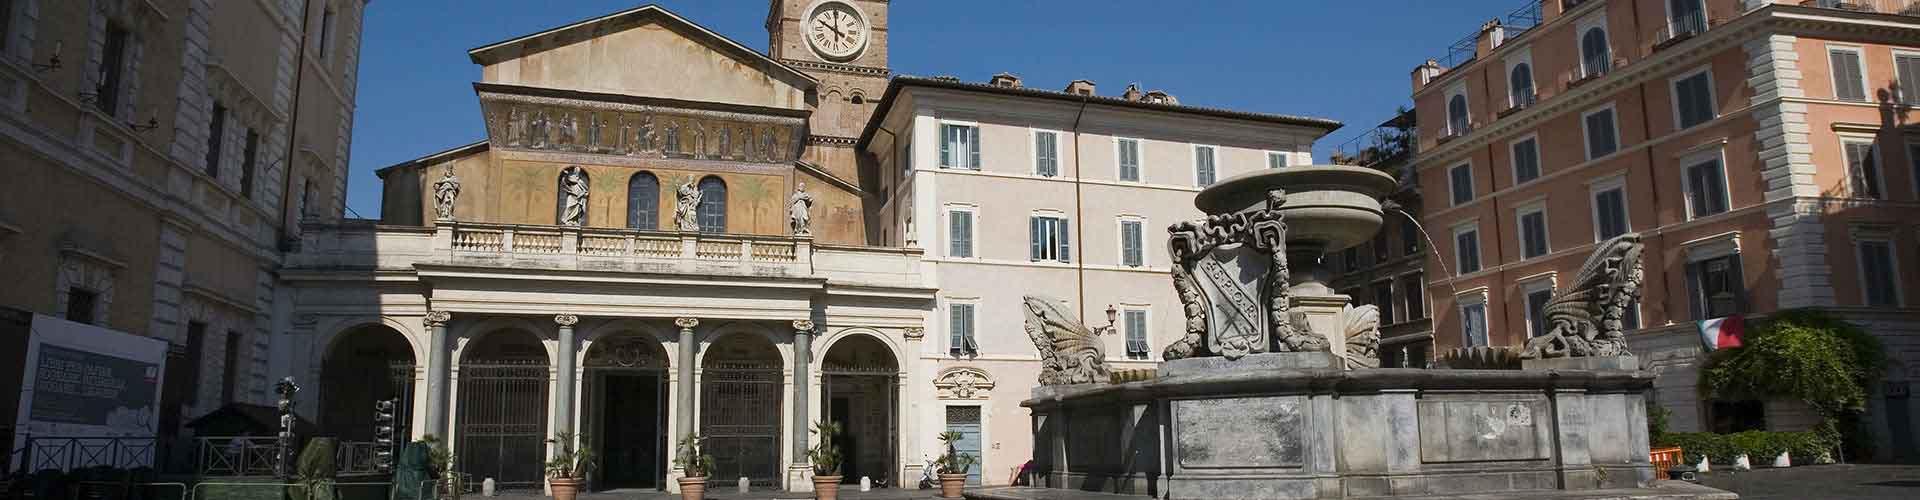 Roma - Albergues Juveniles cerca a Santa Maria in Trastevere. Mapas de Roma, Fotos y Comentarios para cada Albergue Juvenil en Roma.